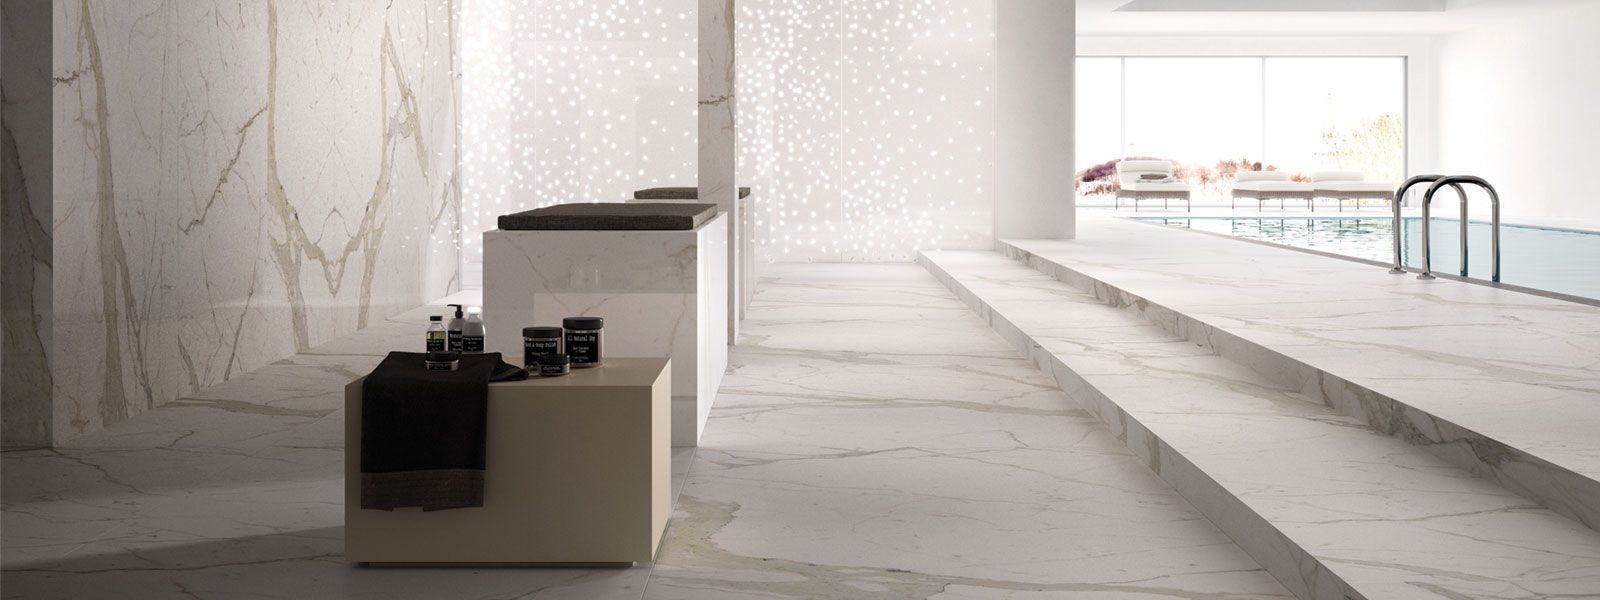 Commercial Non Slip Floor Tiles Anti Slip Ceramic Tiles Solus